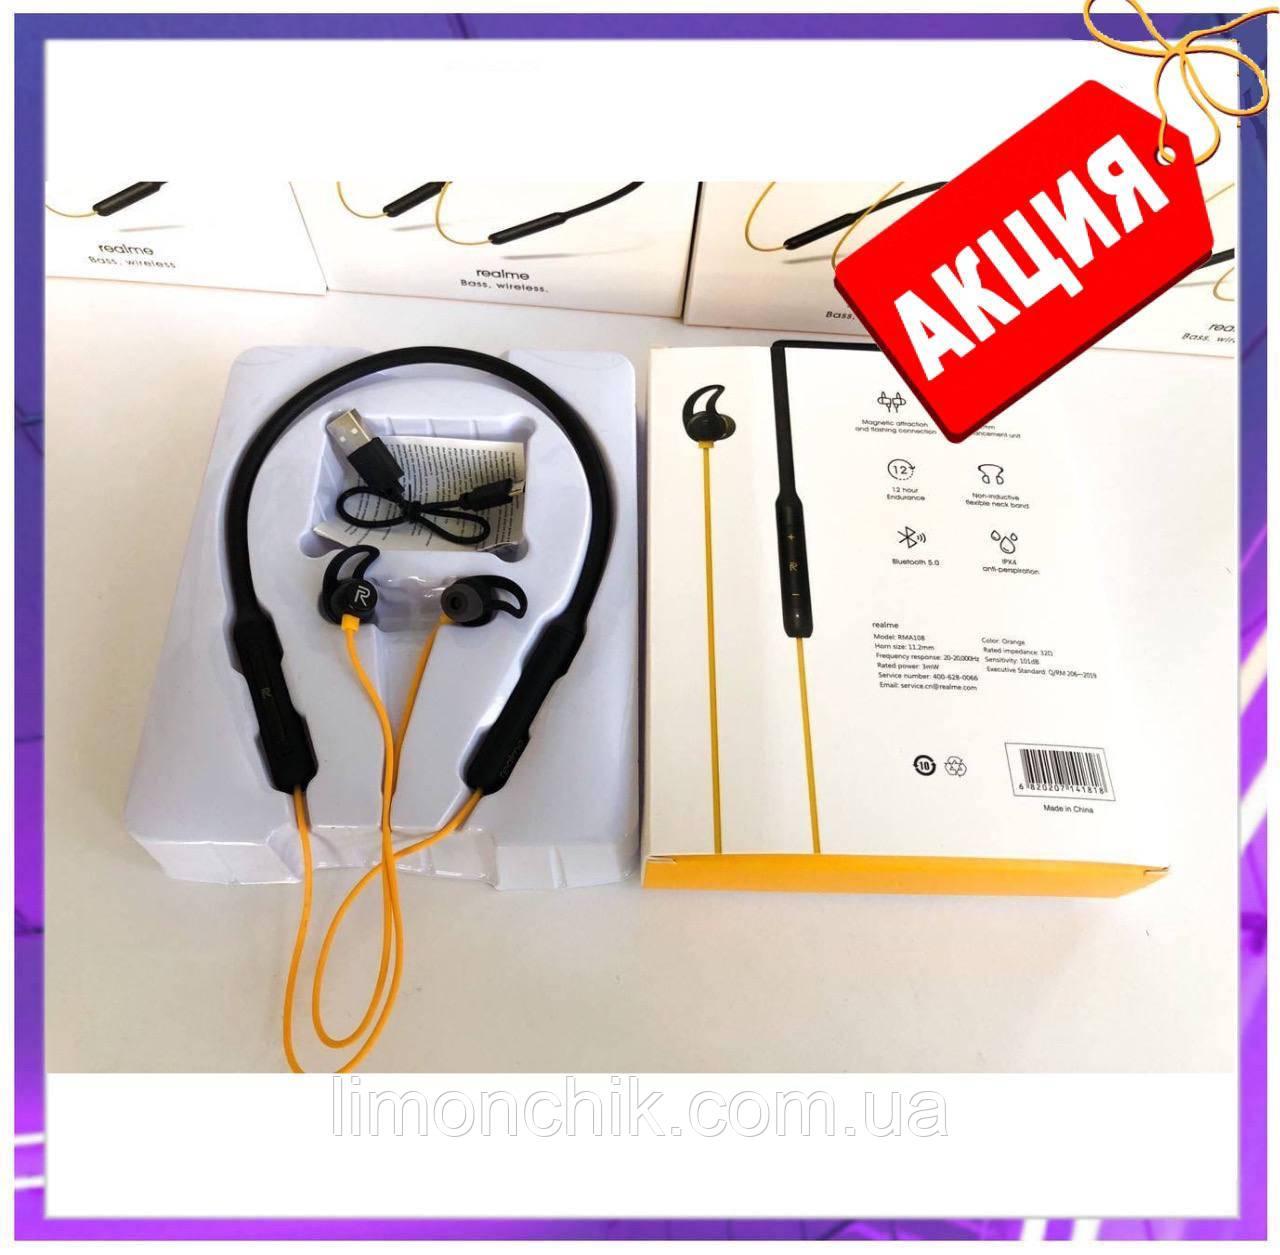 Навушники вакуумні бездротові з мікрофоном Wireless різні кольори